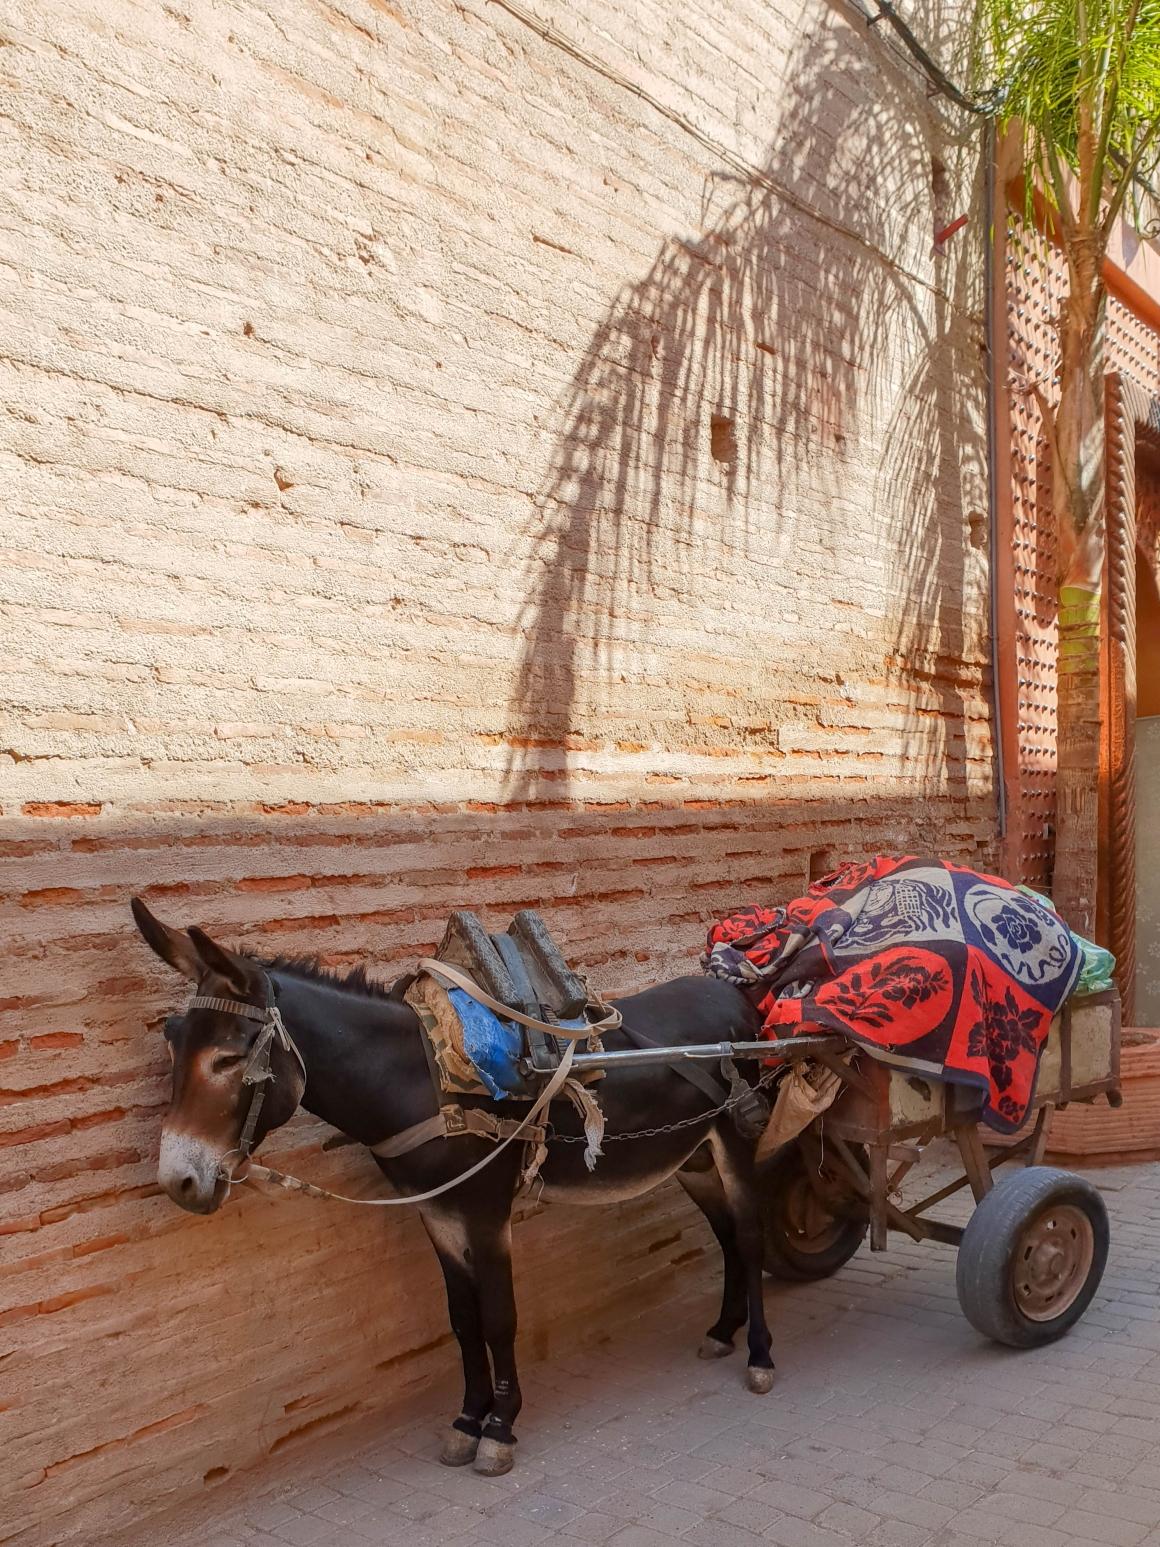 Ezeltje medina Marrakesh